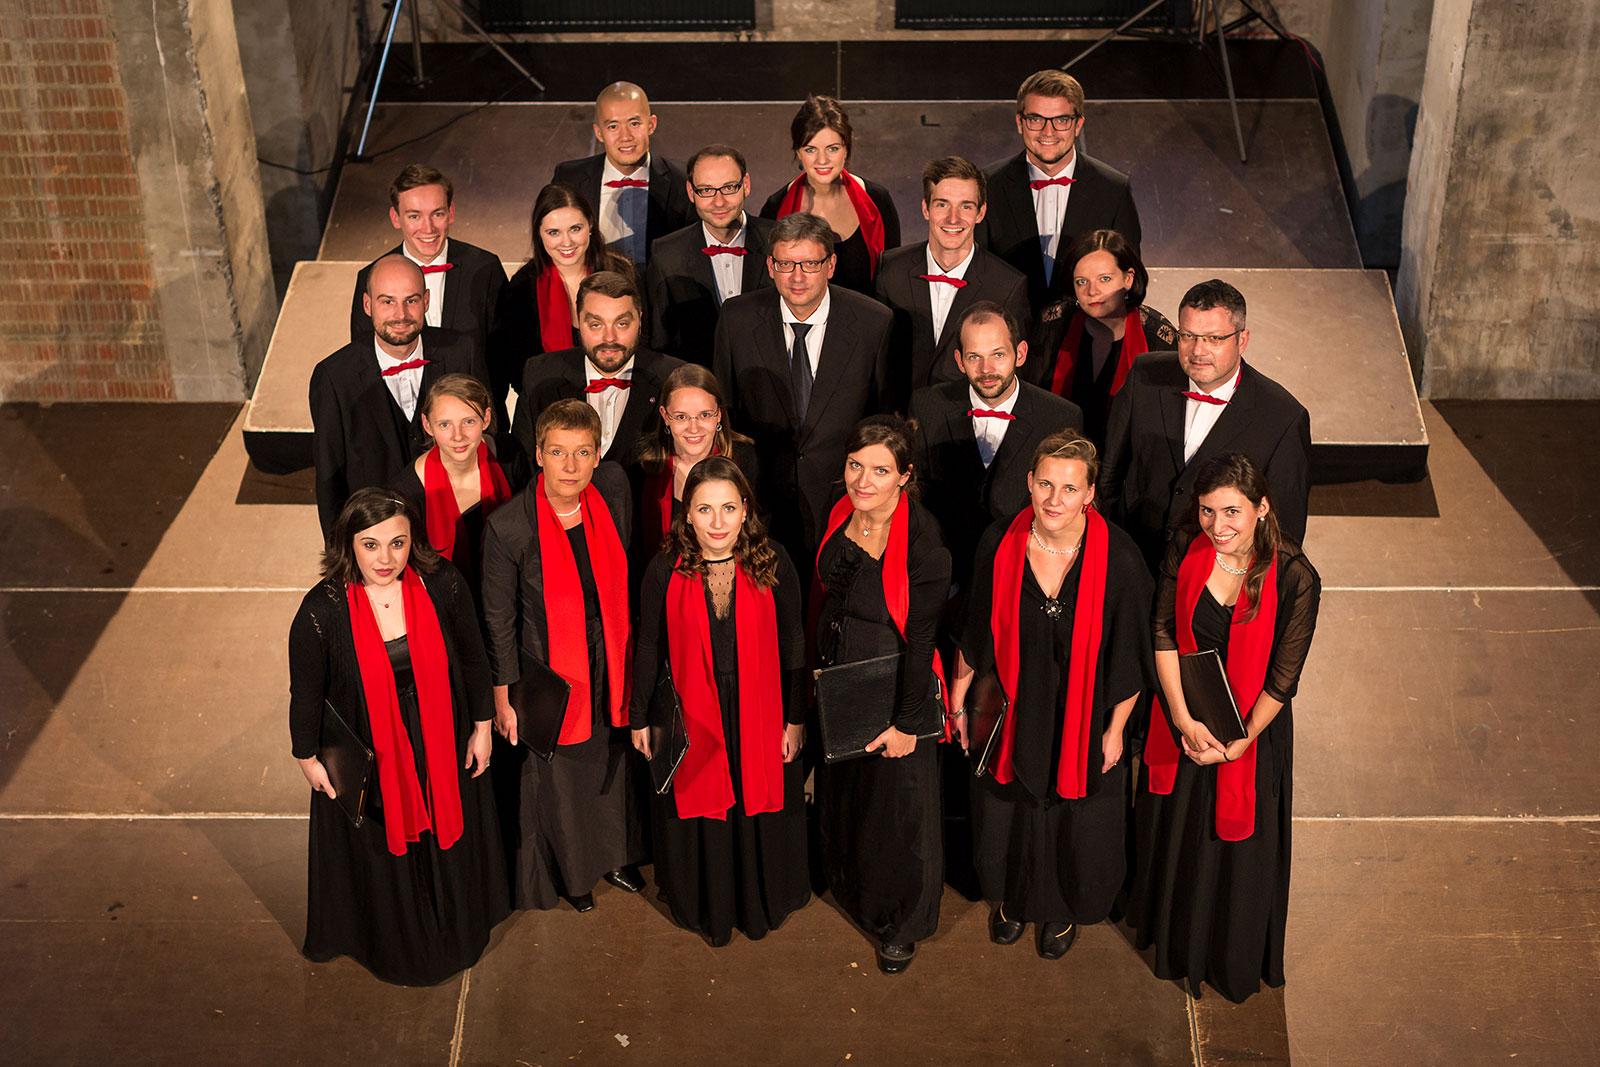 Frauen und Männer des Dresdner Kammerchor im Konzertoutfit